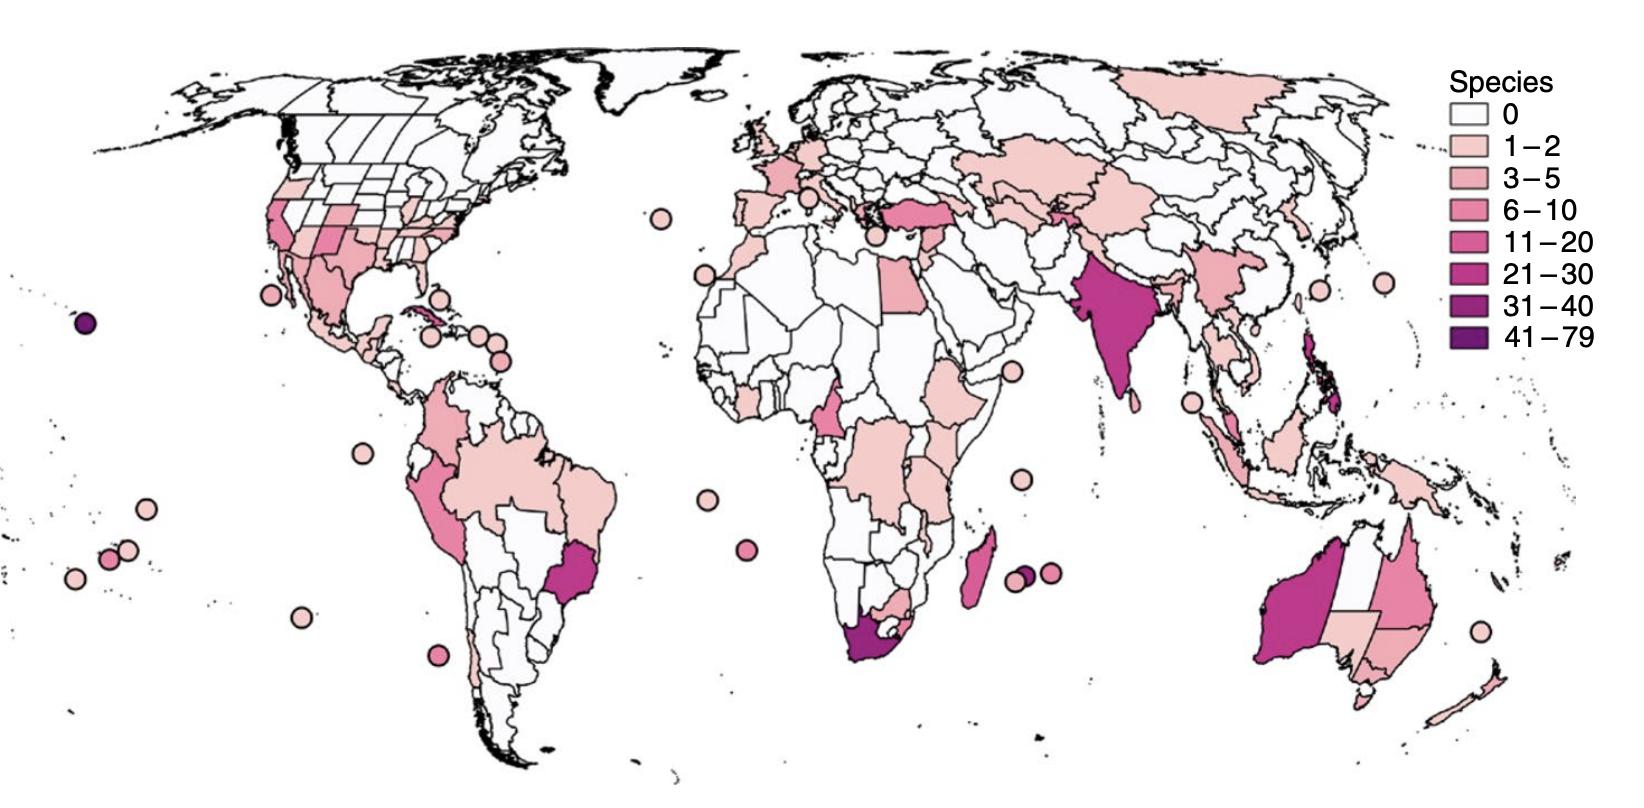 Cây cối sẽ tuyệt chủng ít hơn hiện giờ đến 500 lần nếu loài người không tồn tại - Ảnh 3.